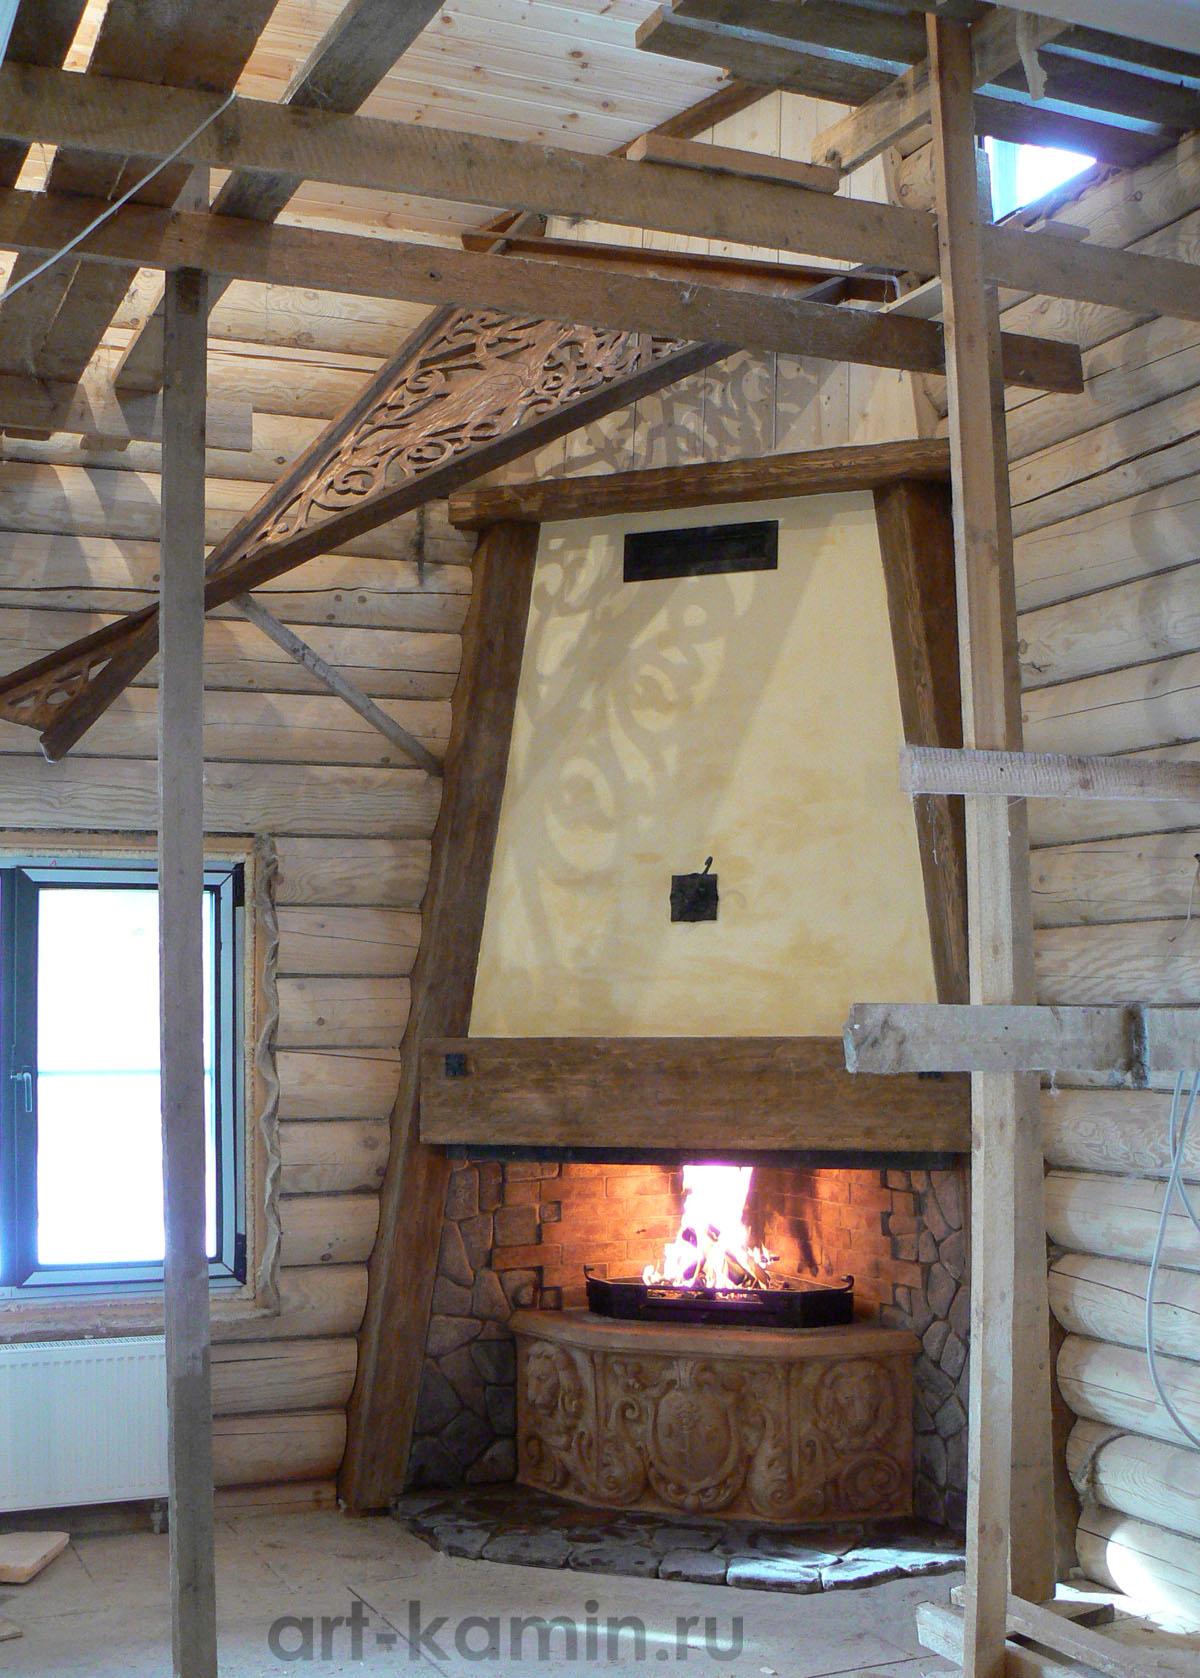 Варианты каминов для деревянного дома по типам топлива 55